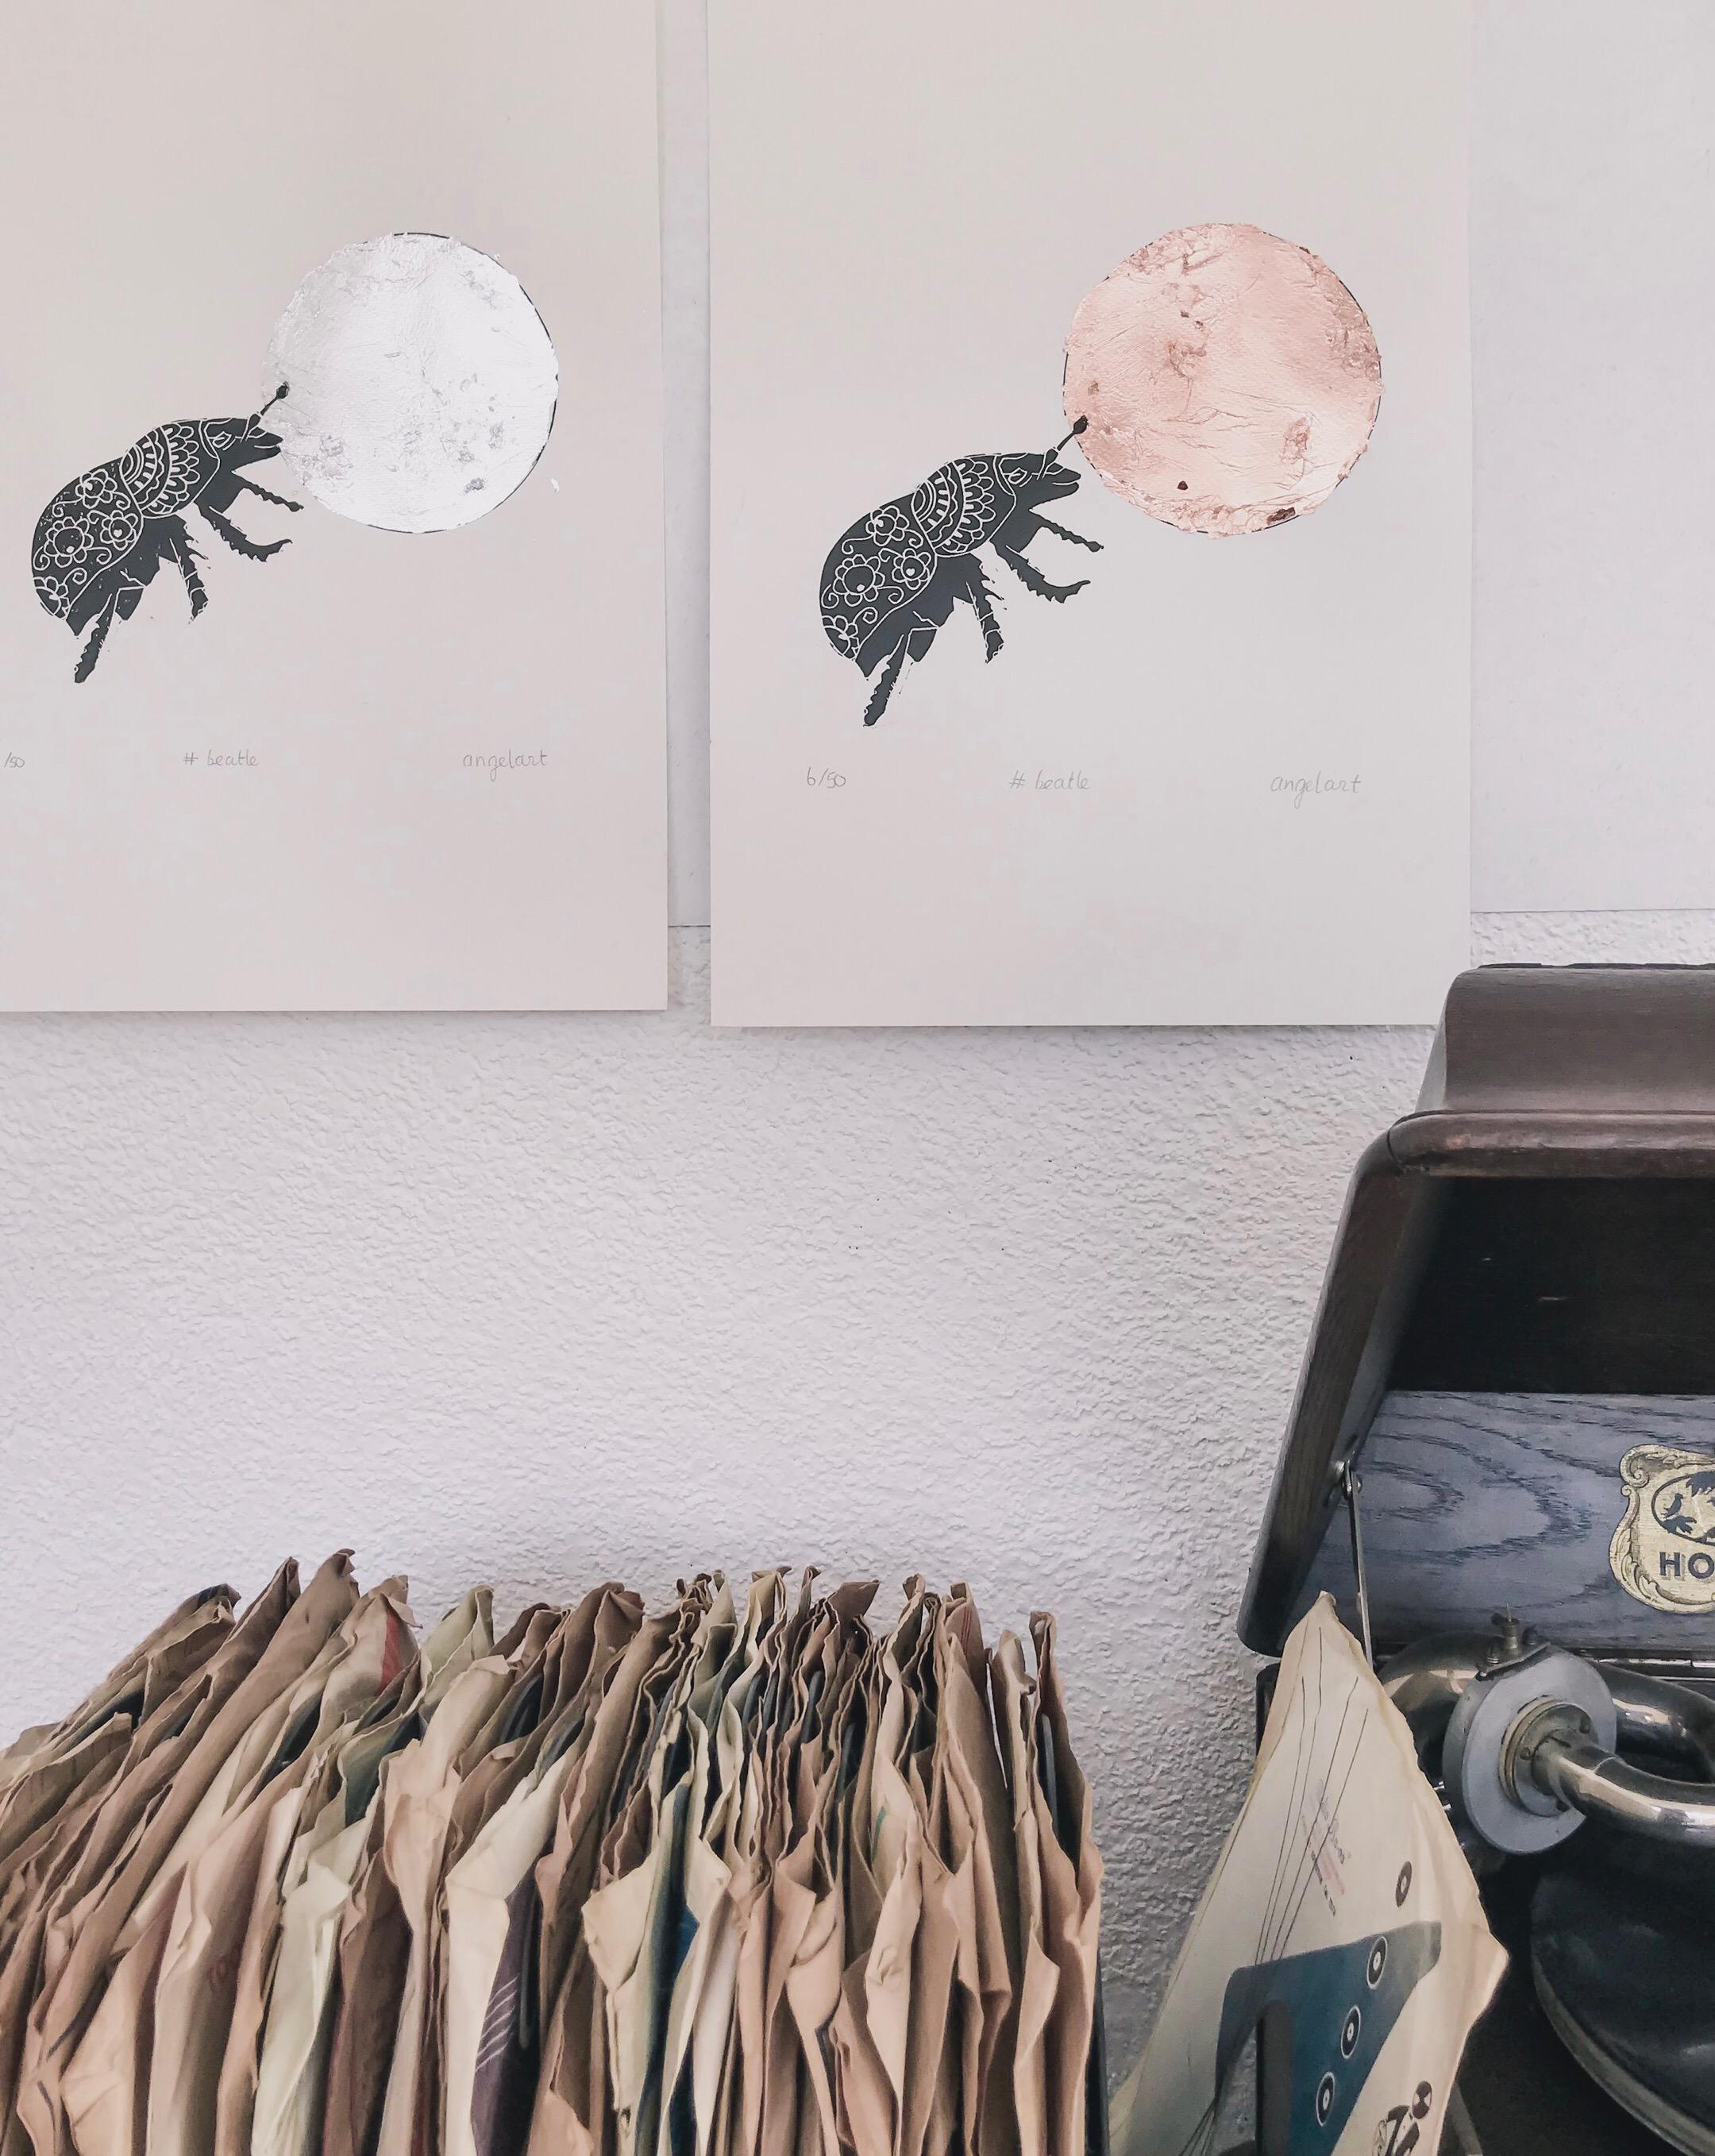 mestkever, goud zilver bol Natuurlijk Angelart, Angela Peters. Illustraties linoprint